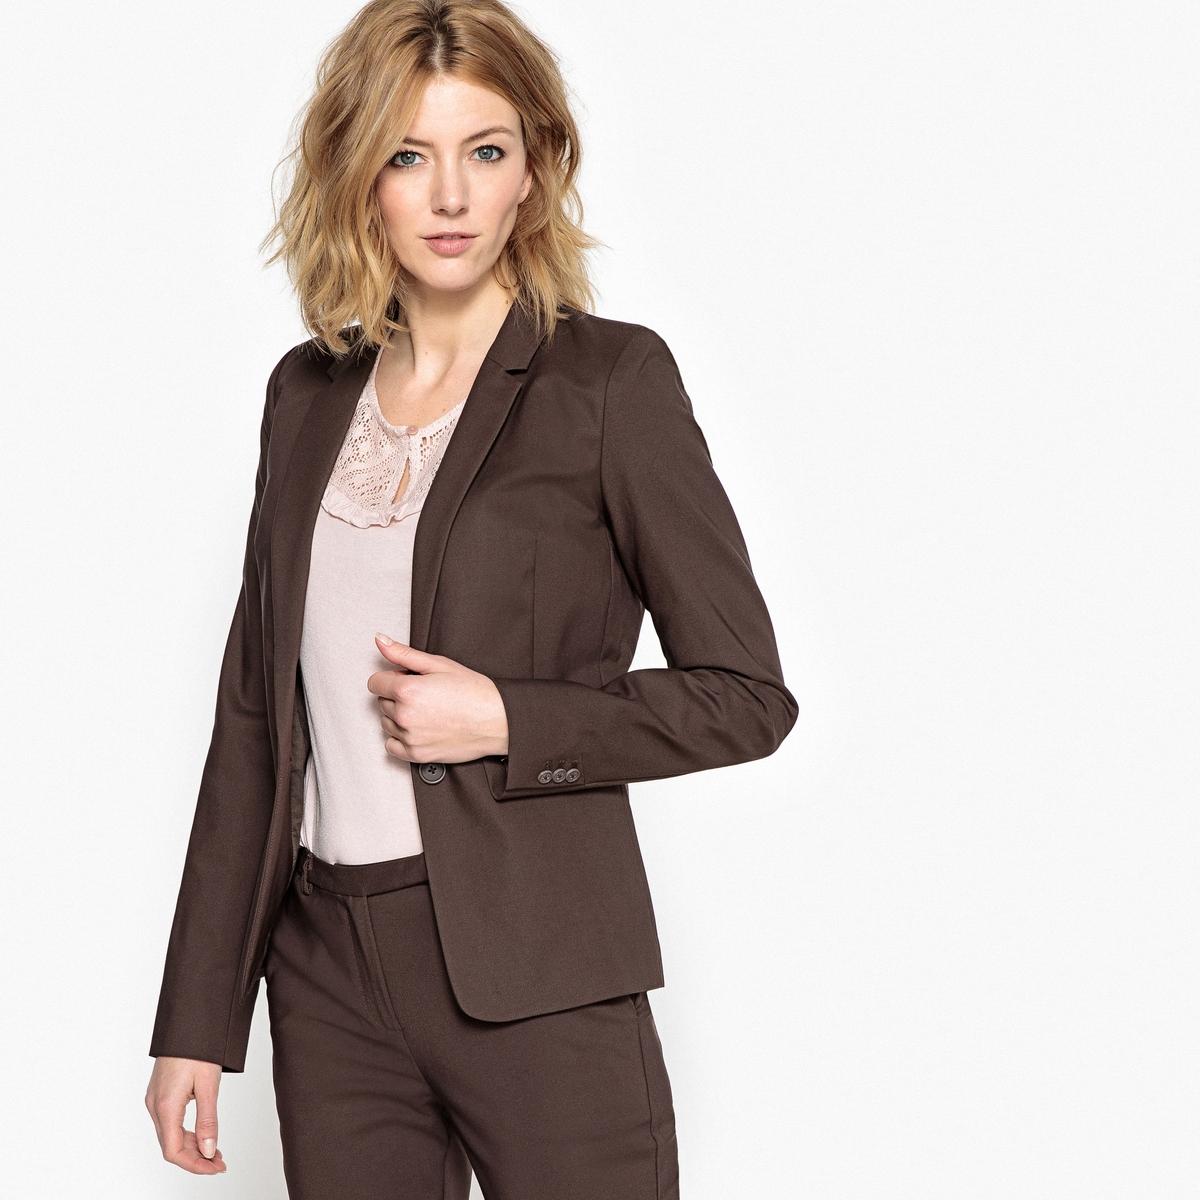 Куртка-блейзер приталеннаяОписание:Куртка-блейзер в городском стиле . Красивый приталенный покрой ! Ткань стрейч для большего комфорта .Детали •  Блейзер •  Приталенный покрой •  Длина : укороченная •  Воротник пиджачныйСостав и уход •  49% хлопка, 47% полиамида, 4% эластана  •  Подкладка : 100% хлопок •  Следуйте советам по уходу, указанным на этикетке •  Длина : 58 смЗастежка на пуговицу. Ложные прорезные карманы спереди . Длинные рукава с застежкой на пуговицы. Подкладка из хлопковой вуали.<br><br>Цвет: темно-синий,хаки,черный,шоколадный<br>Размер: 38 (FR) - 44 (RUS).48 (FR) - 54 (RUS).40 (FR) - 46 (RUS).42 (FR) - 48 (RUS).38 (FR) - 44 (RUS).46 (FR) - 52 (RUS).44 (FR) - 50 (RUS).50 (FR) - 56 (RUS).50 (FR) - 56 (RUS).50 (FR) - 56 (RUS)